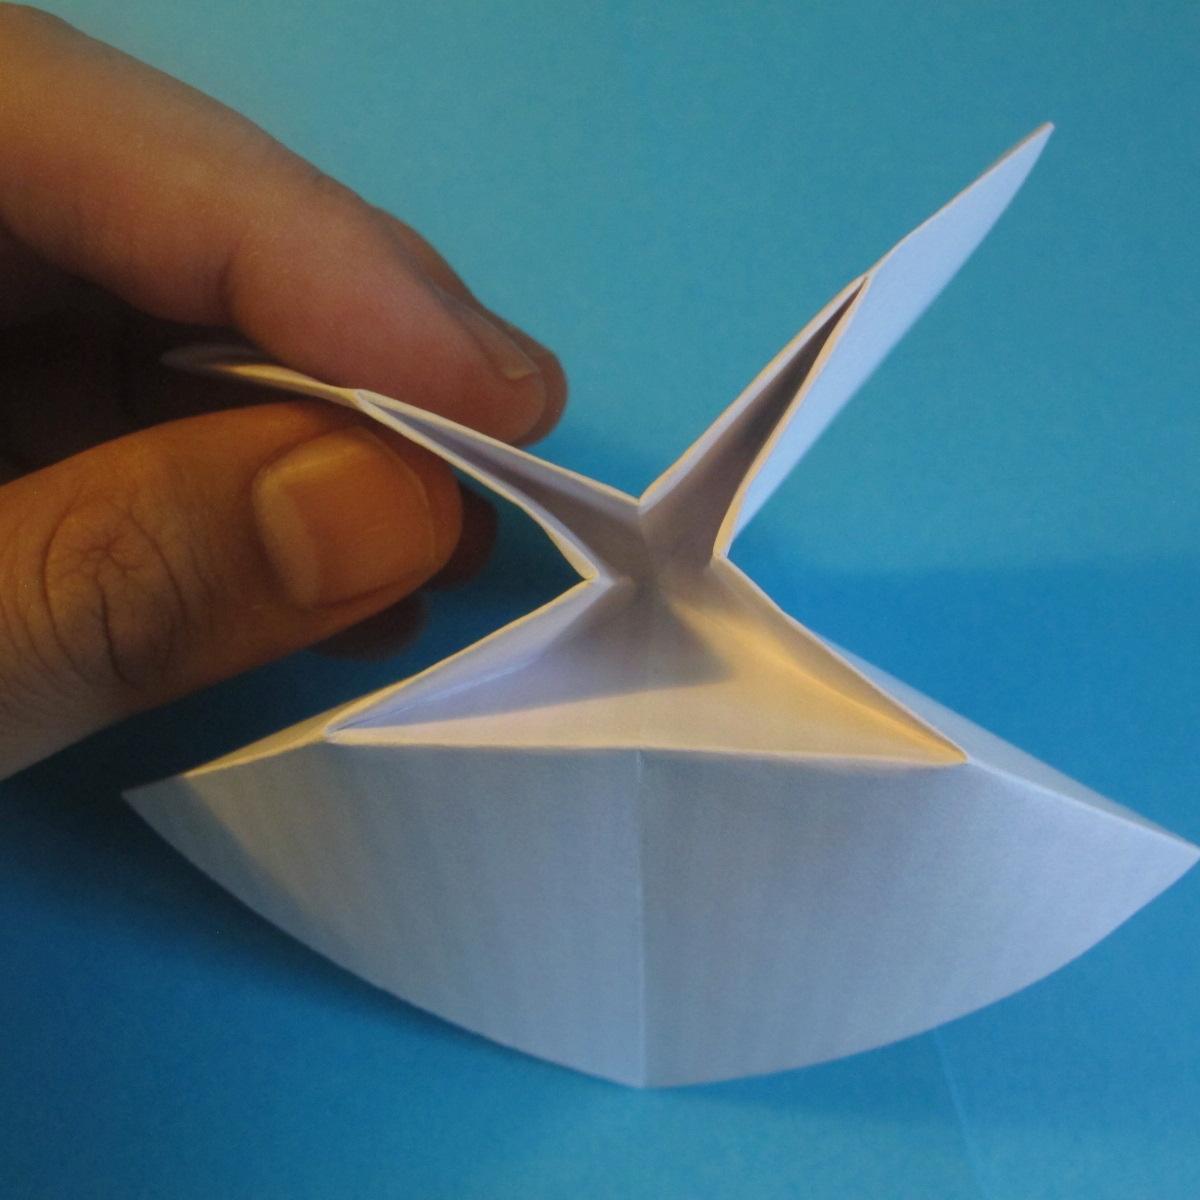 วิธีการพับกระดาษเป็นโบว์หูกระต่าย 009